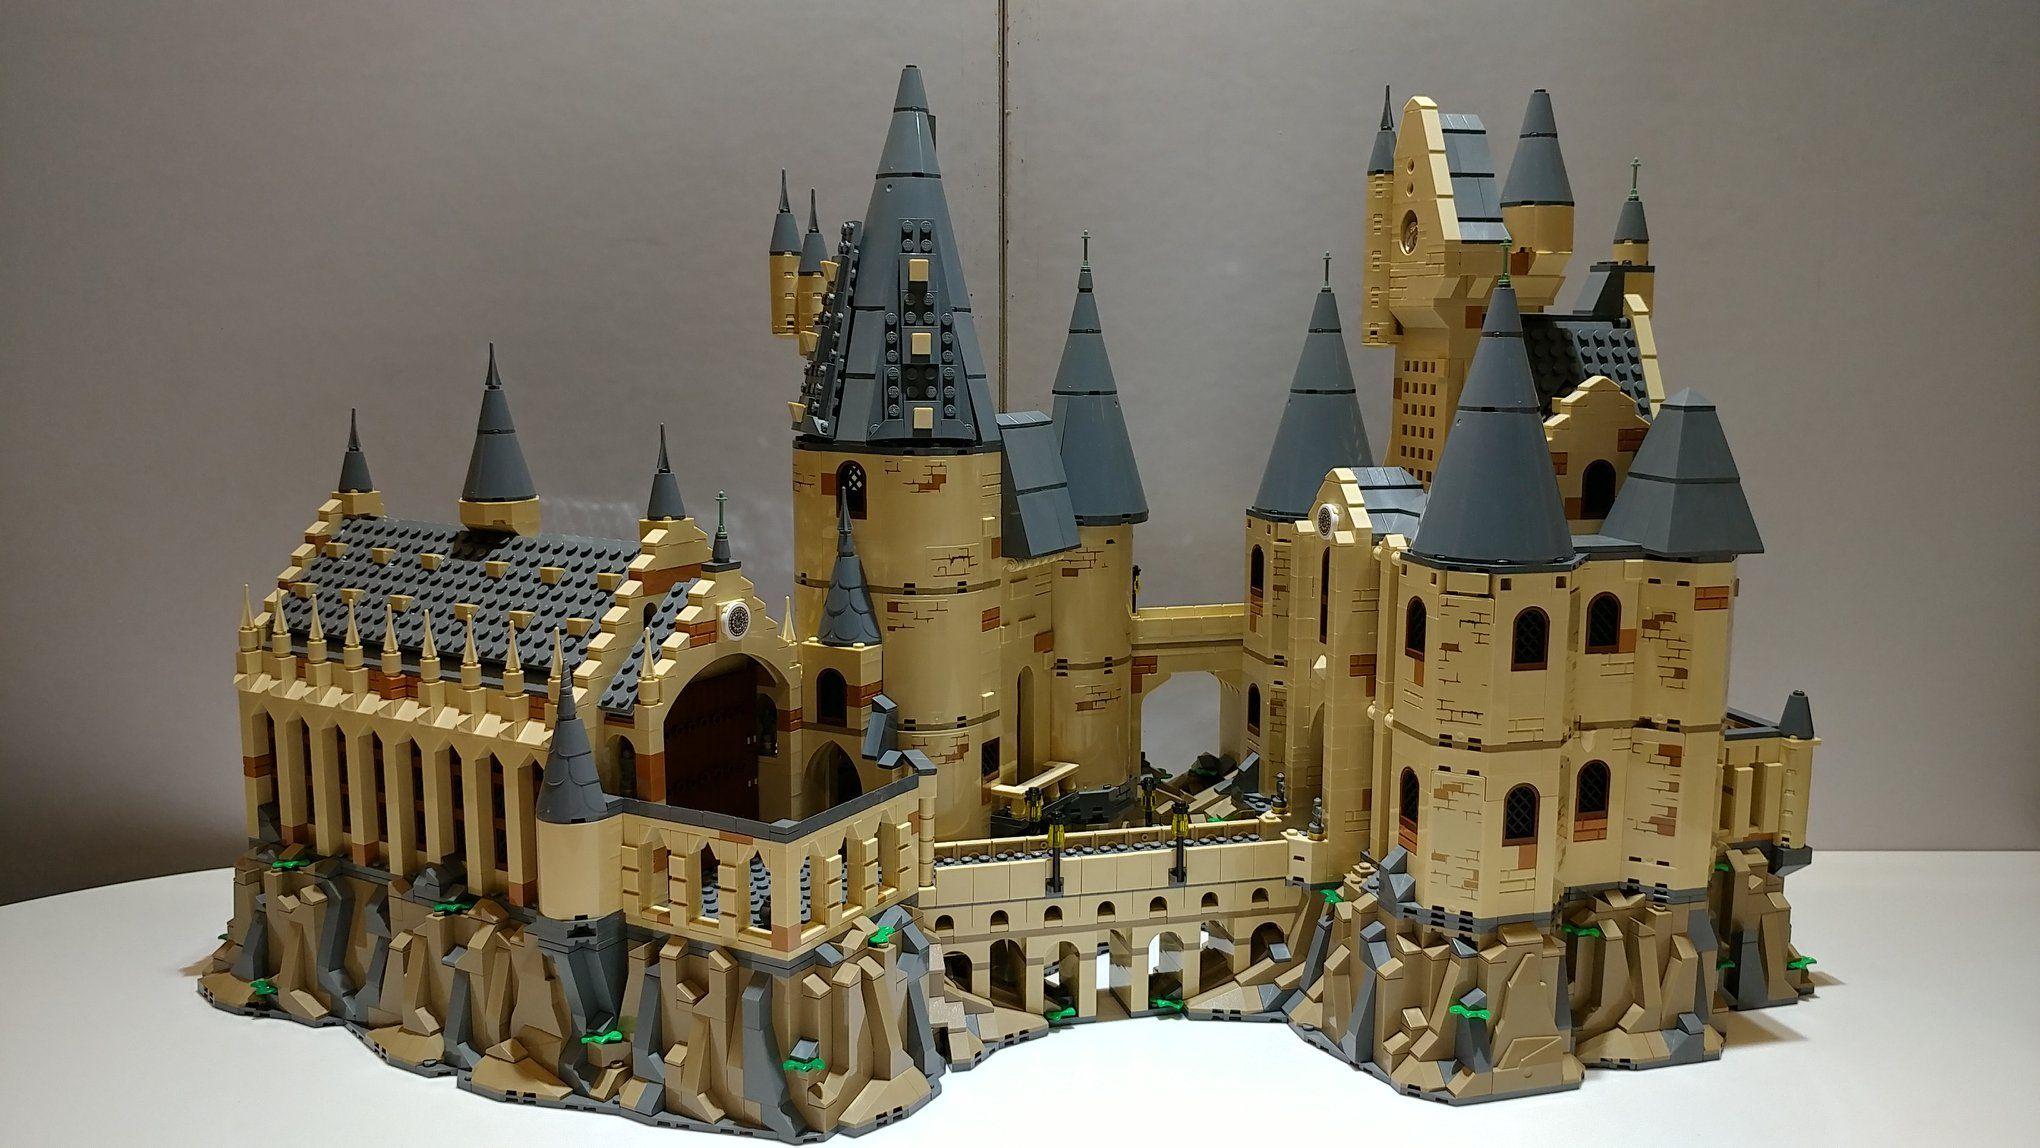 Moc Hogwarts Castle Modified Sets 75953 75954 75948 Hogwarts Castle Hogwarts Lego Harry Potter